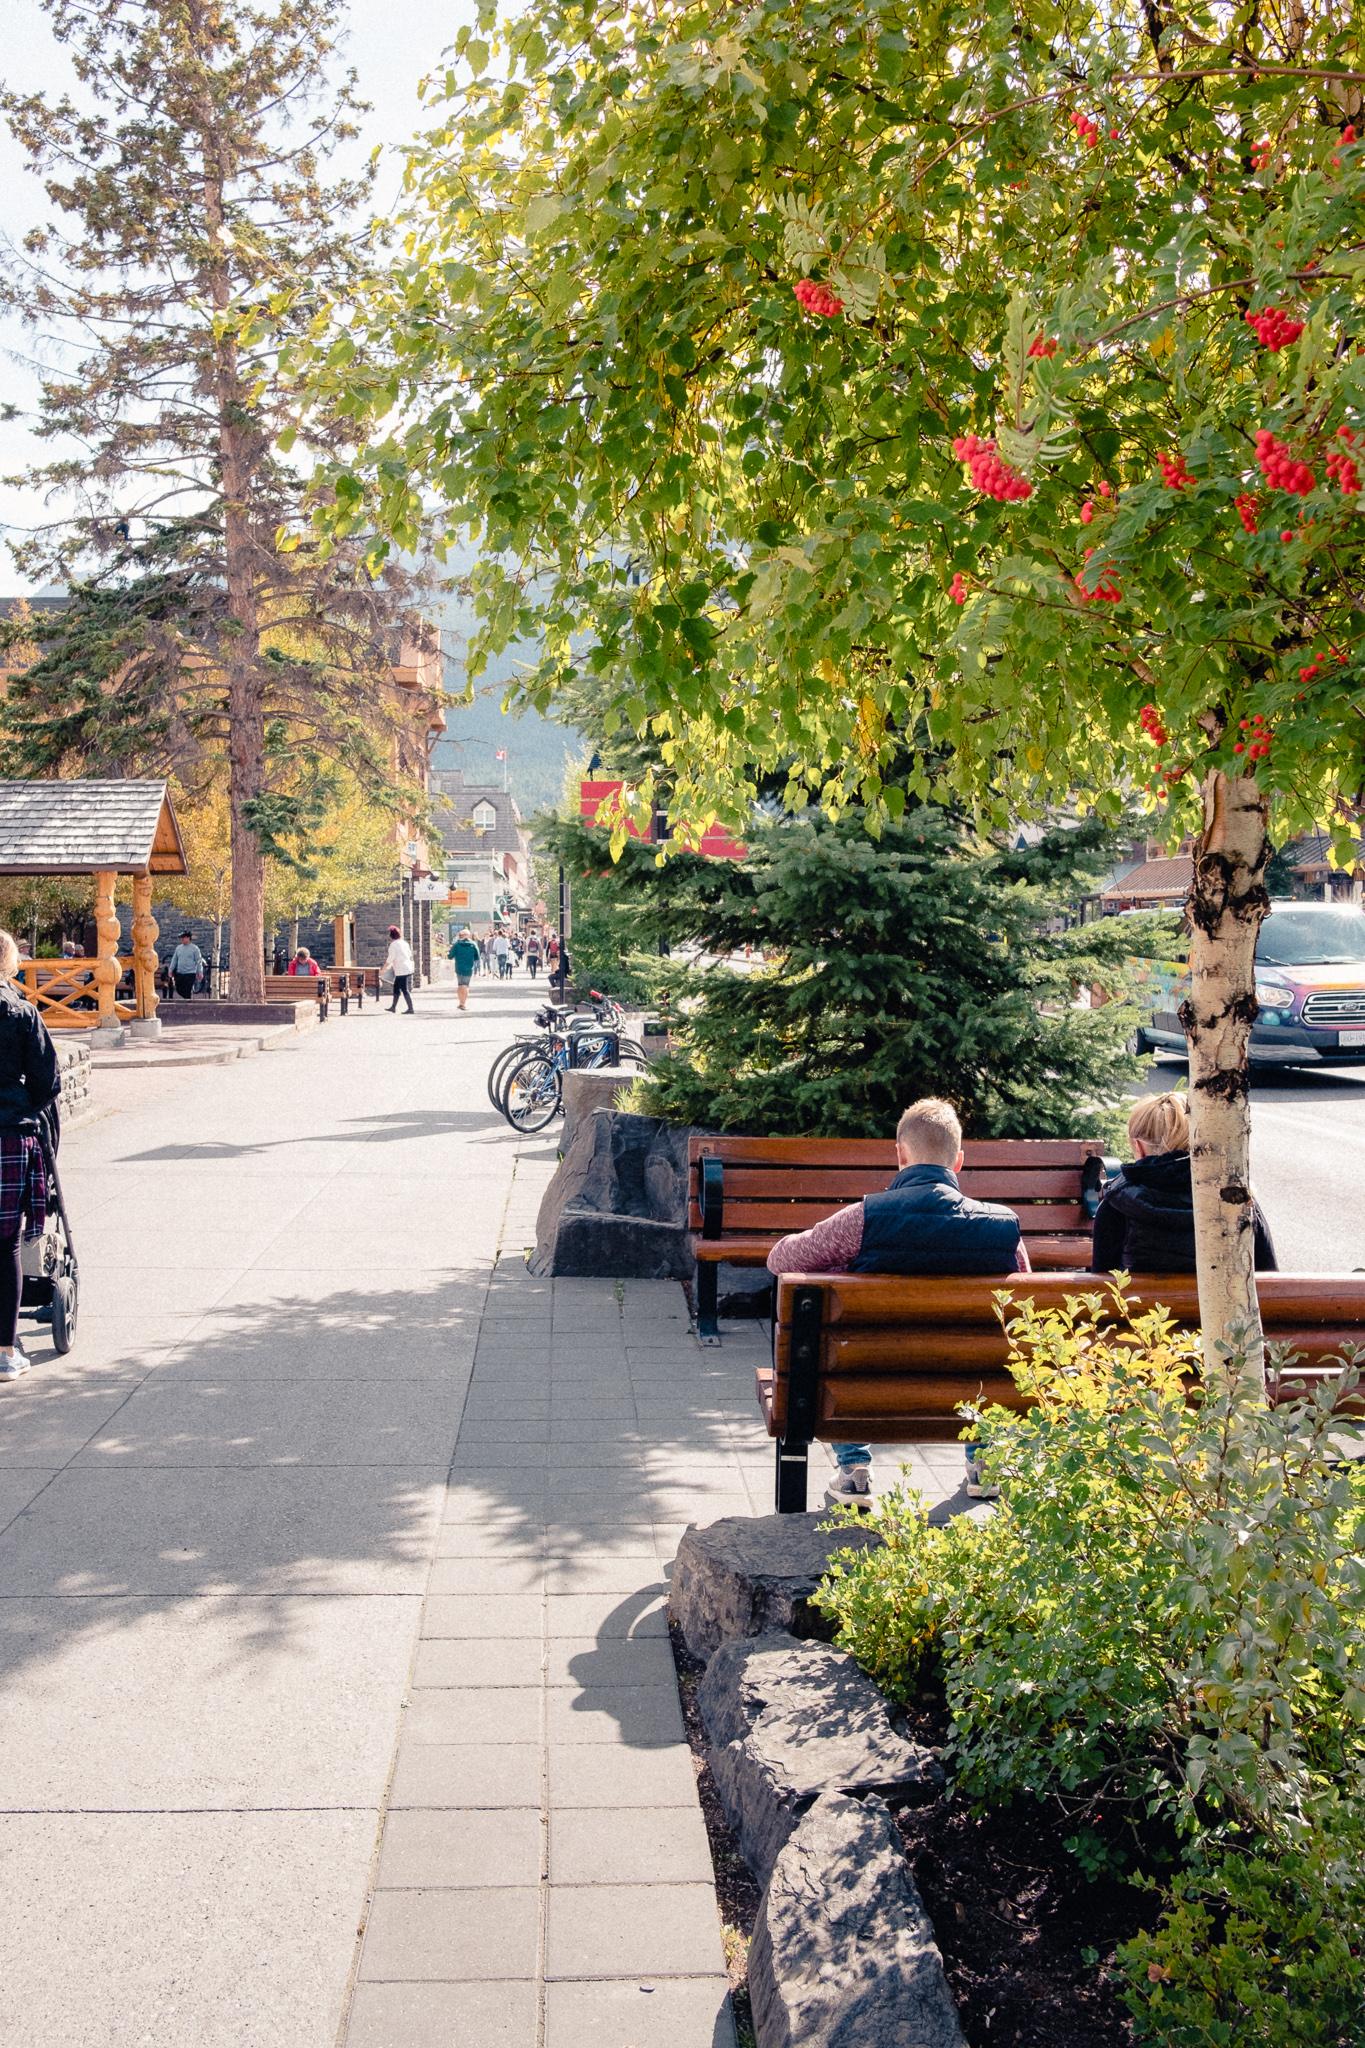 Banff-Canada-Gallery-23.jpg